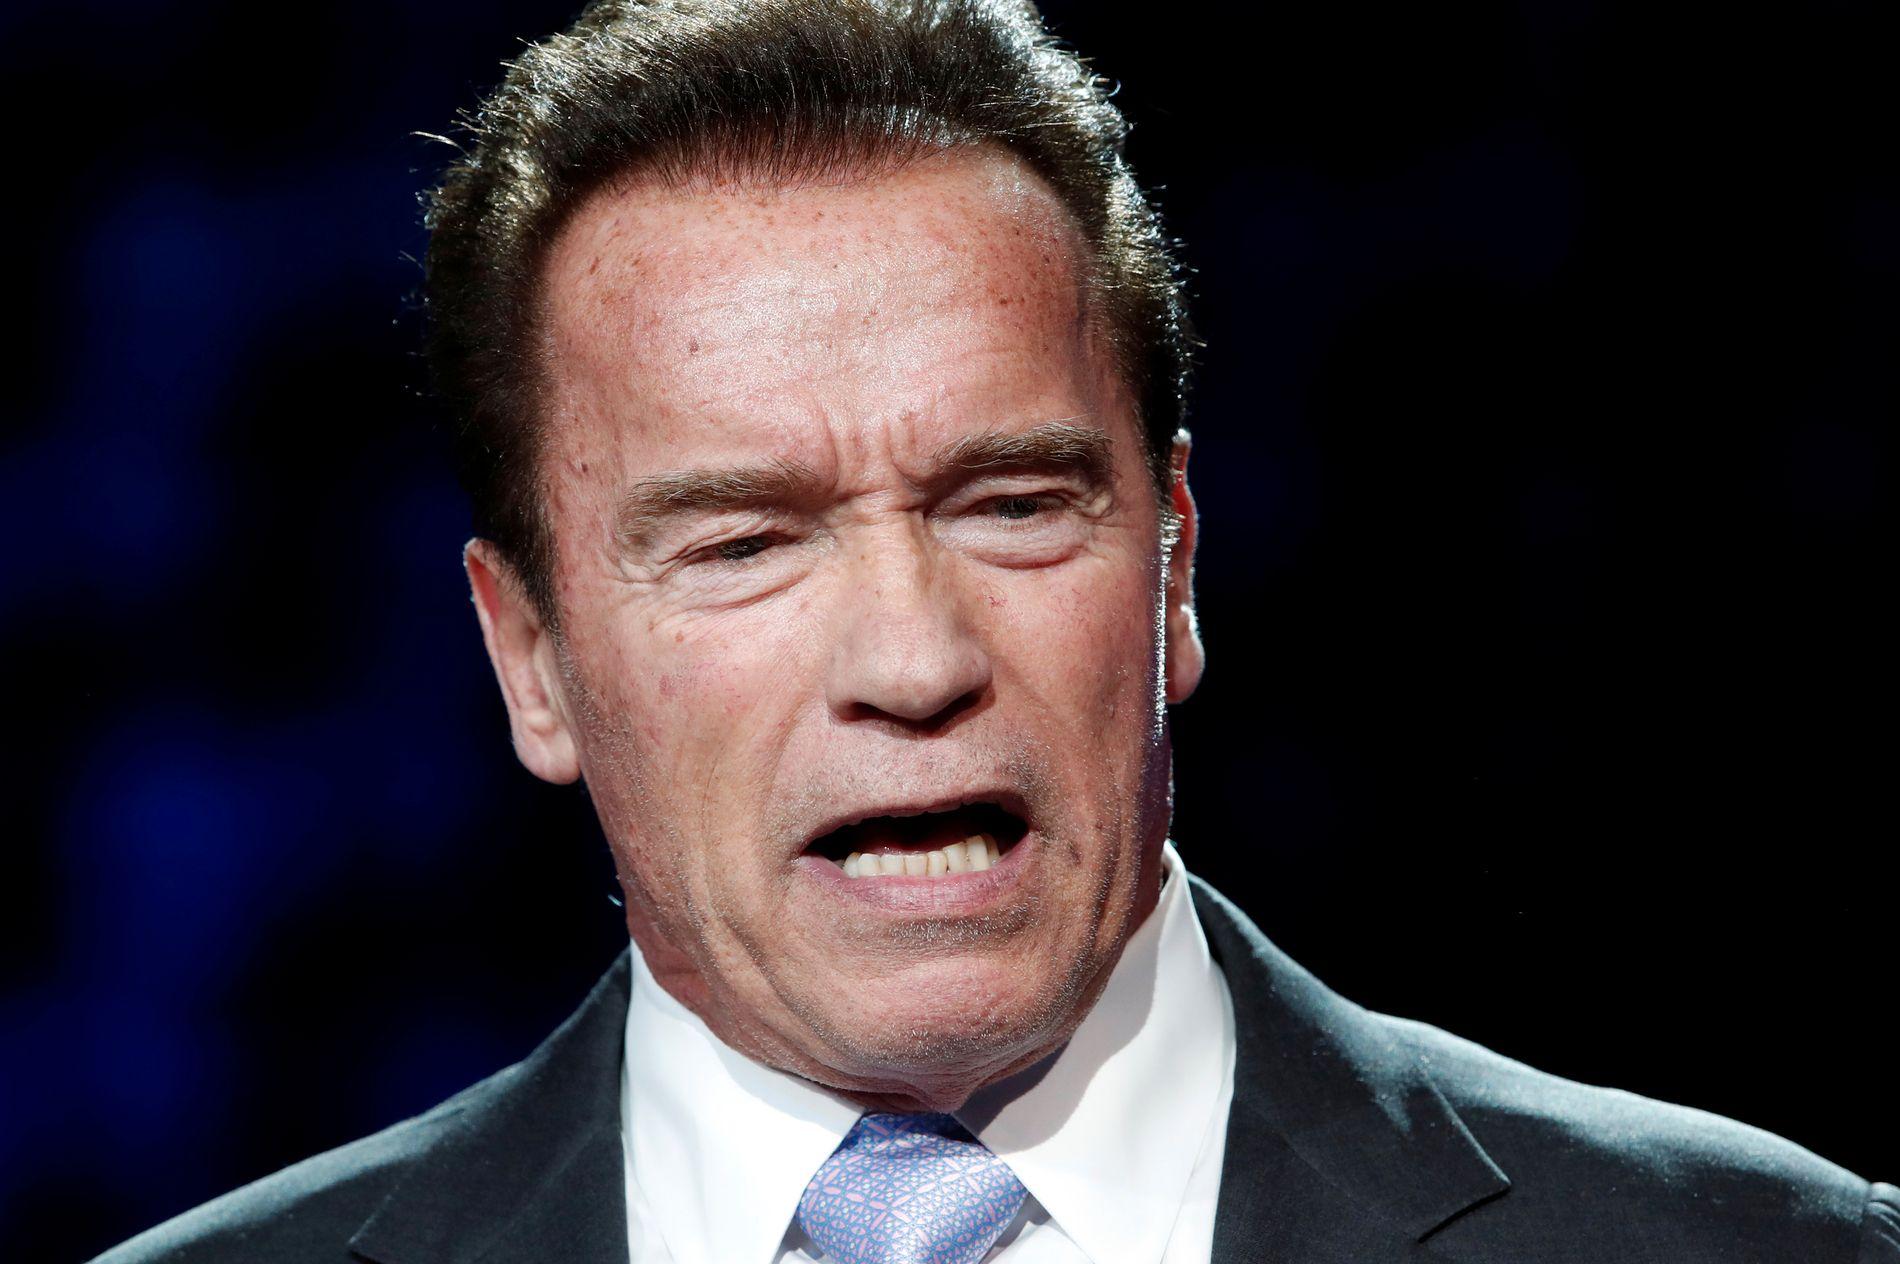 PÅ BEDRINGENS VEI: Arnold Schwarzenegger gjennomgikk en hjerteoperasjonen i mars.